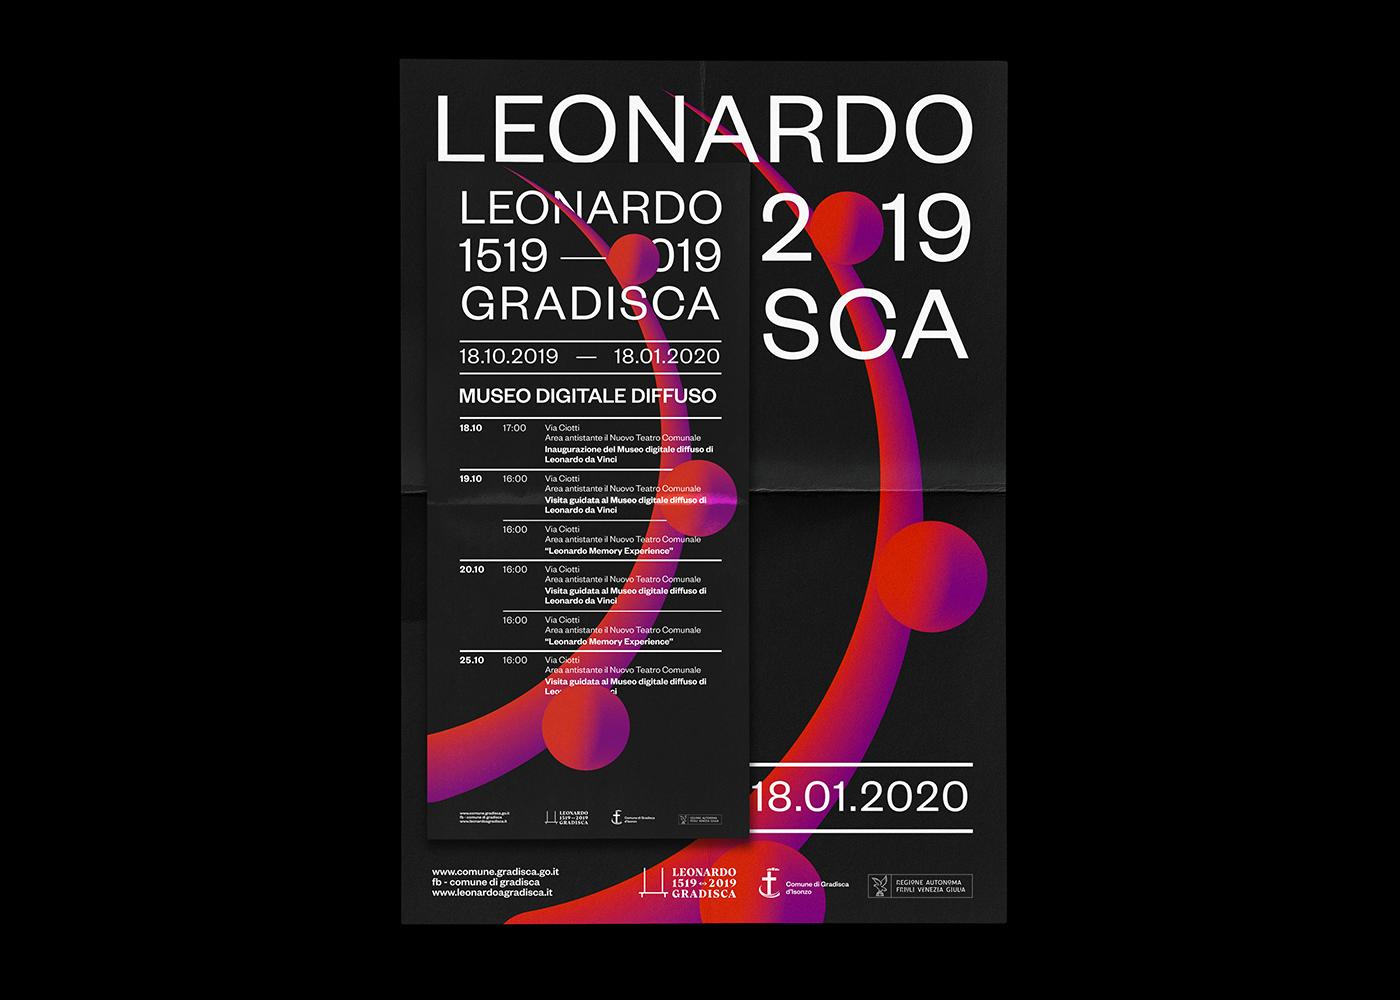 Leonardo Gradisca